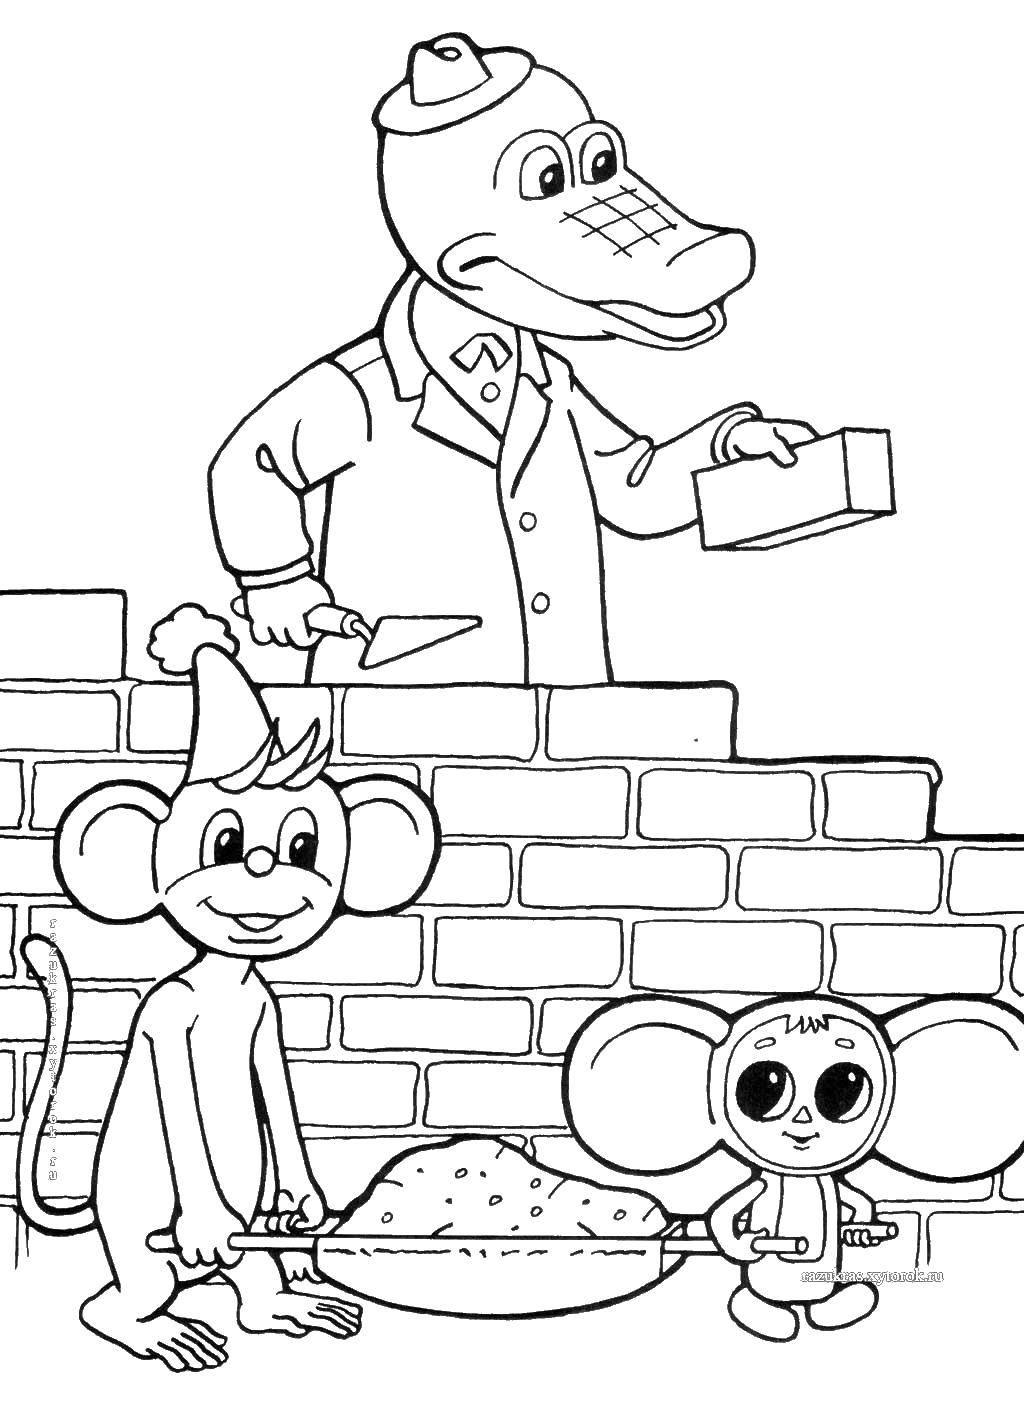 Раскраска Крокодил гена и чебурашка строят Скачать чебурашка, Гена.  Распечатать ,чебурашка,